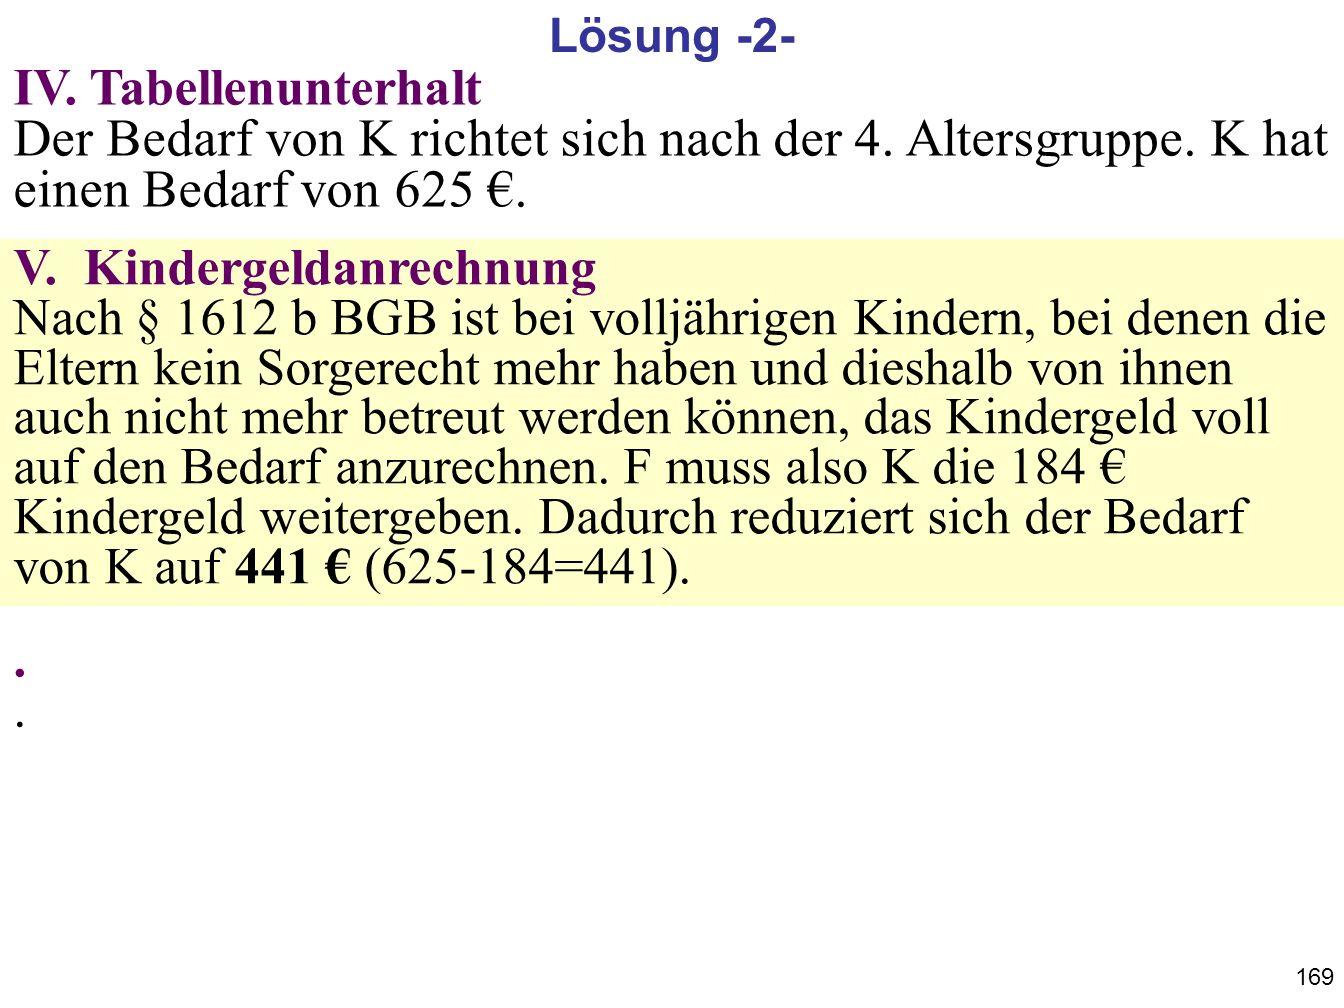 Lösung -2- IV. Tabellenunterhalt Der Bedarf von K richtet sich nach der 4. Altersgruppe. K hat einen Bedarf von 625 €.